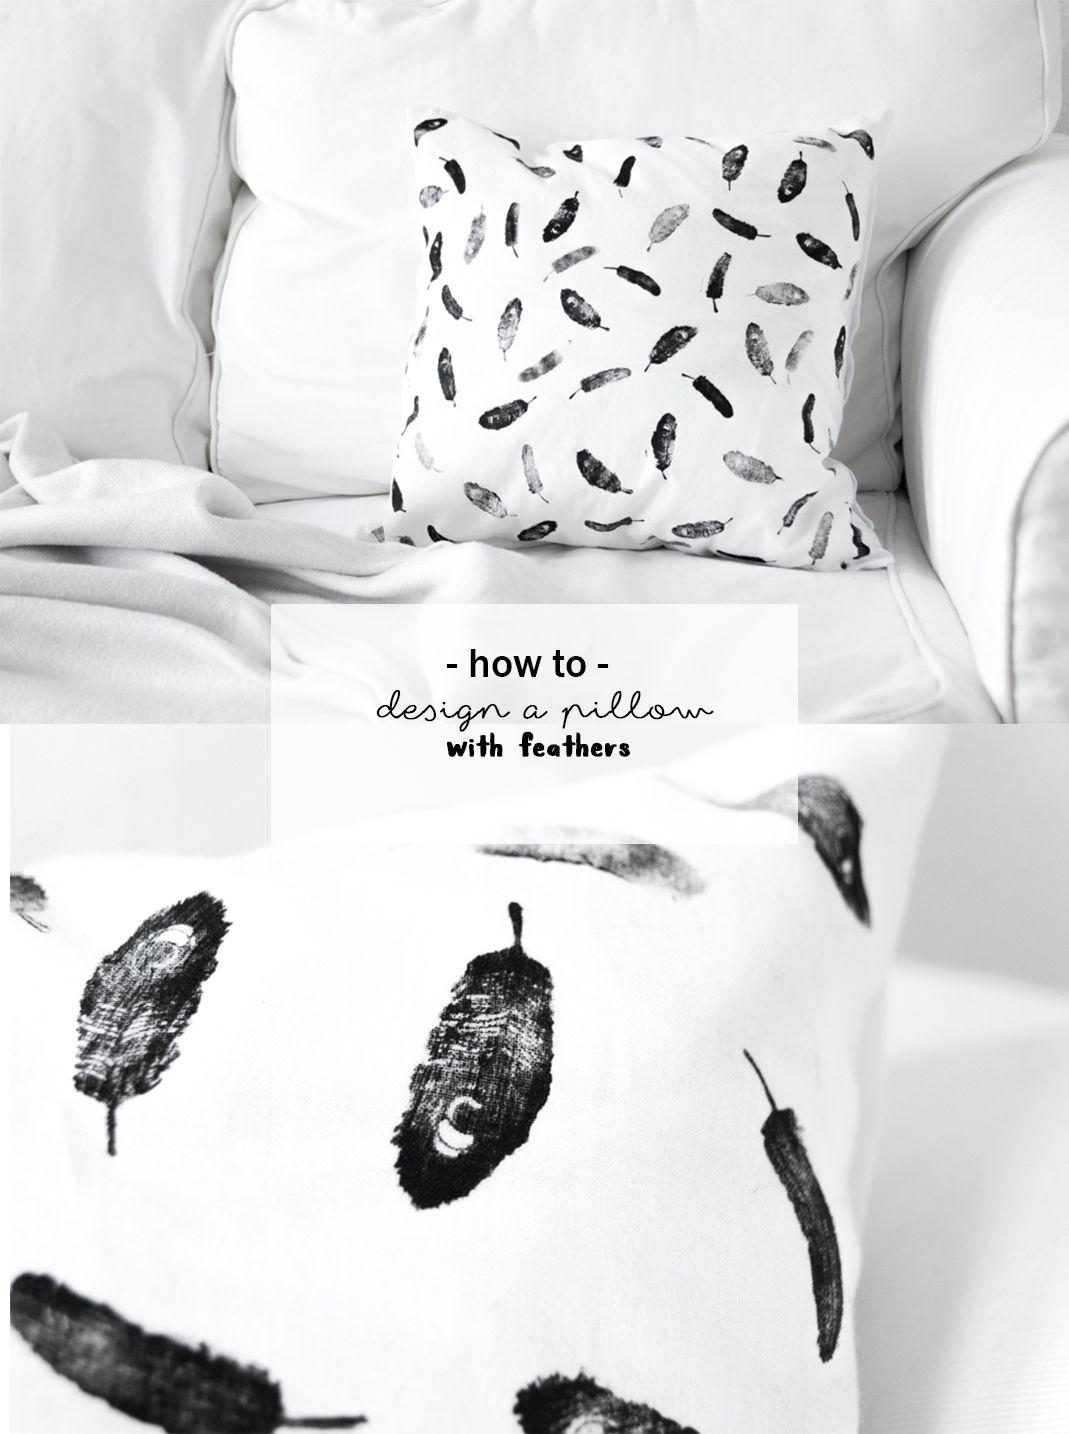 DIY Feder Kissen | Do It Yourself Idee Mit Textilfarbe | Upcycling | Kissenbezug  Gestalten Bedrucken | Stempeln Mit Feder Motiv | Wohnzimmer | Schlafzimmer  ...